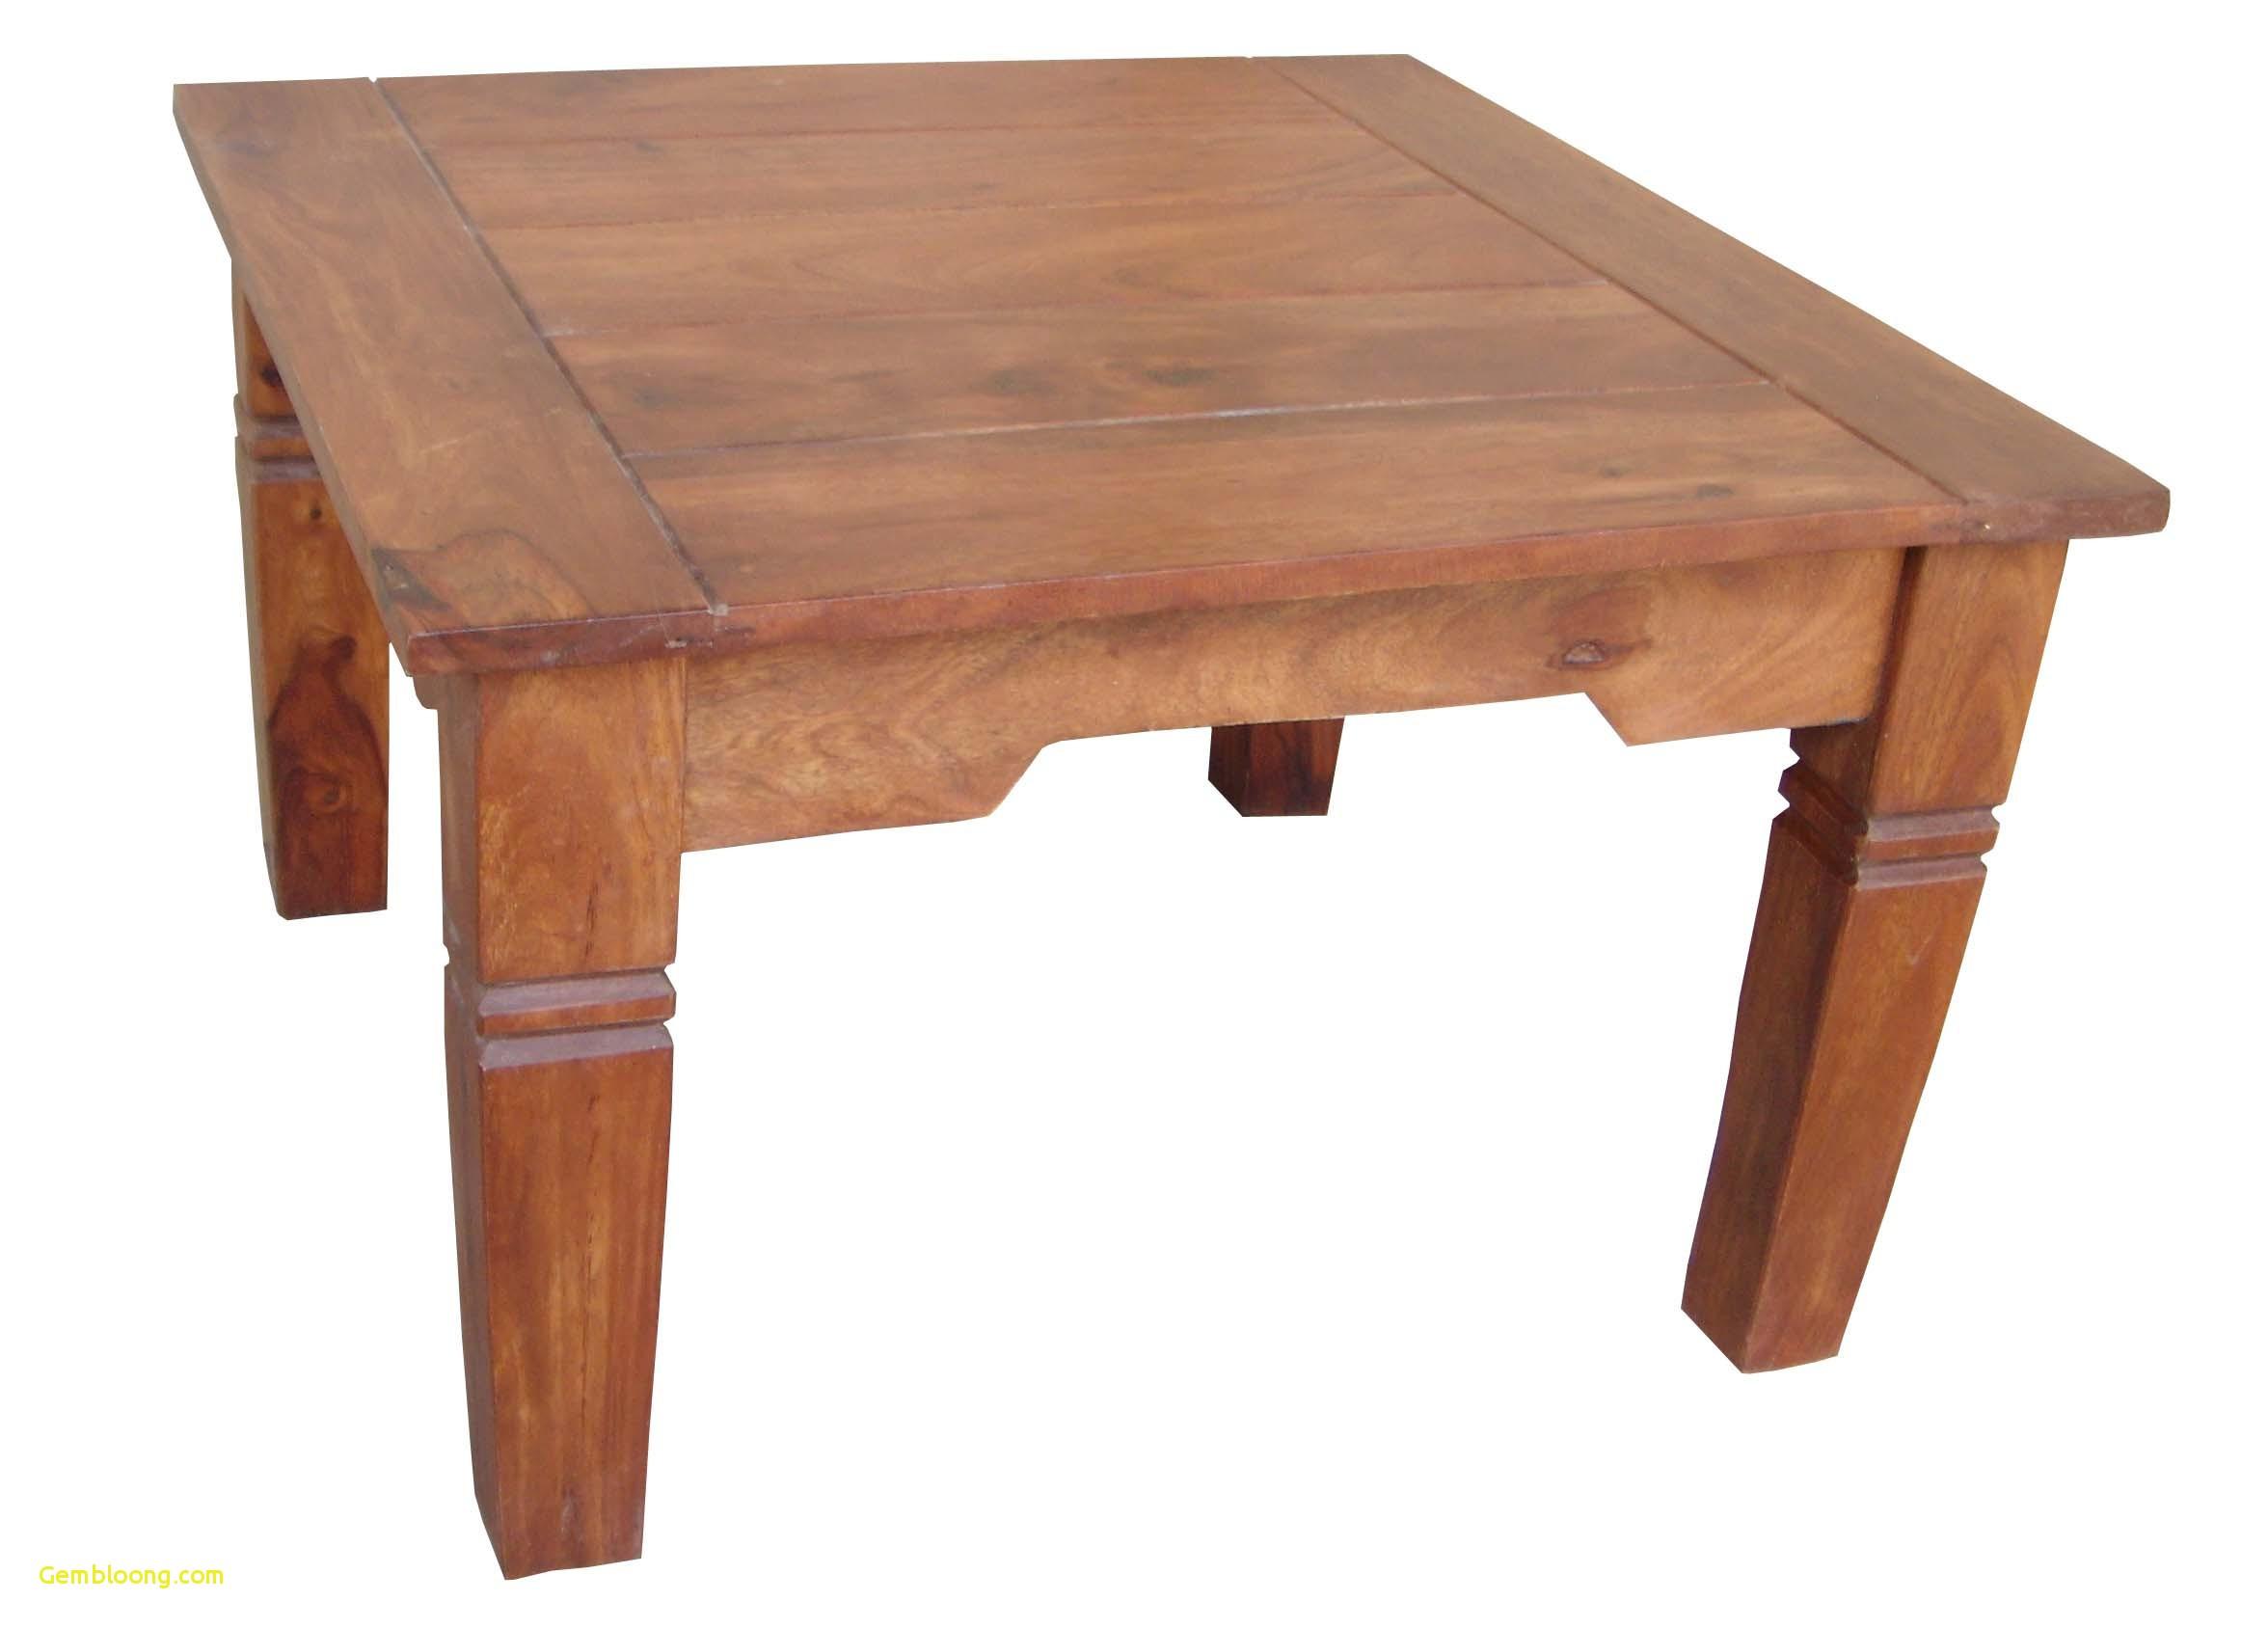 Full Size of Ikea Gartentisch Tisch 60x60 Sofa Mit Schlaffunktion Betten 160x200 Miniküche Bei Küche Kosten Modulküche Kaufen Wohnzimmer Ikea Gartentisch